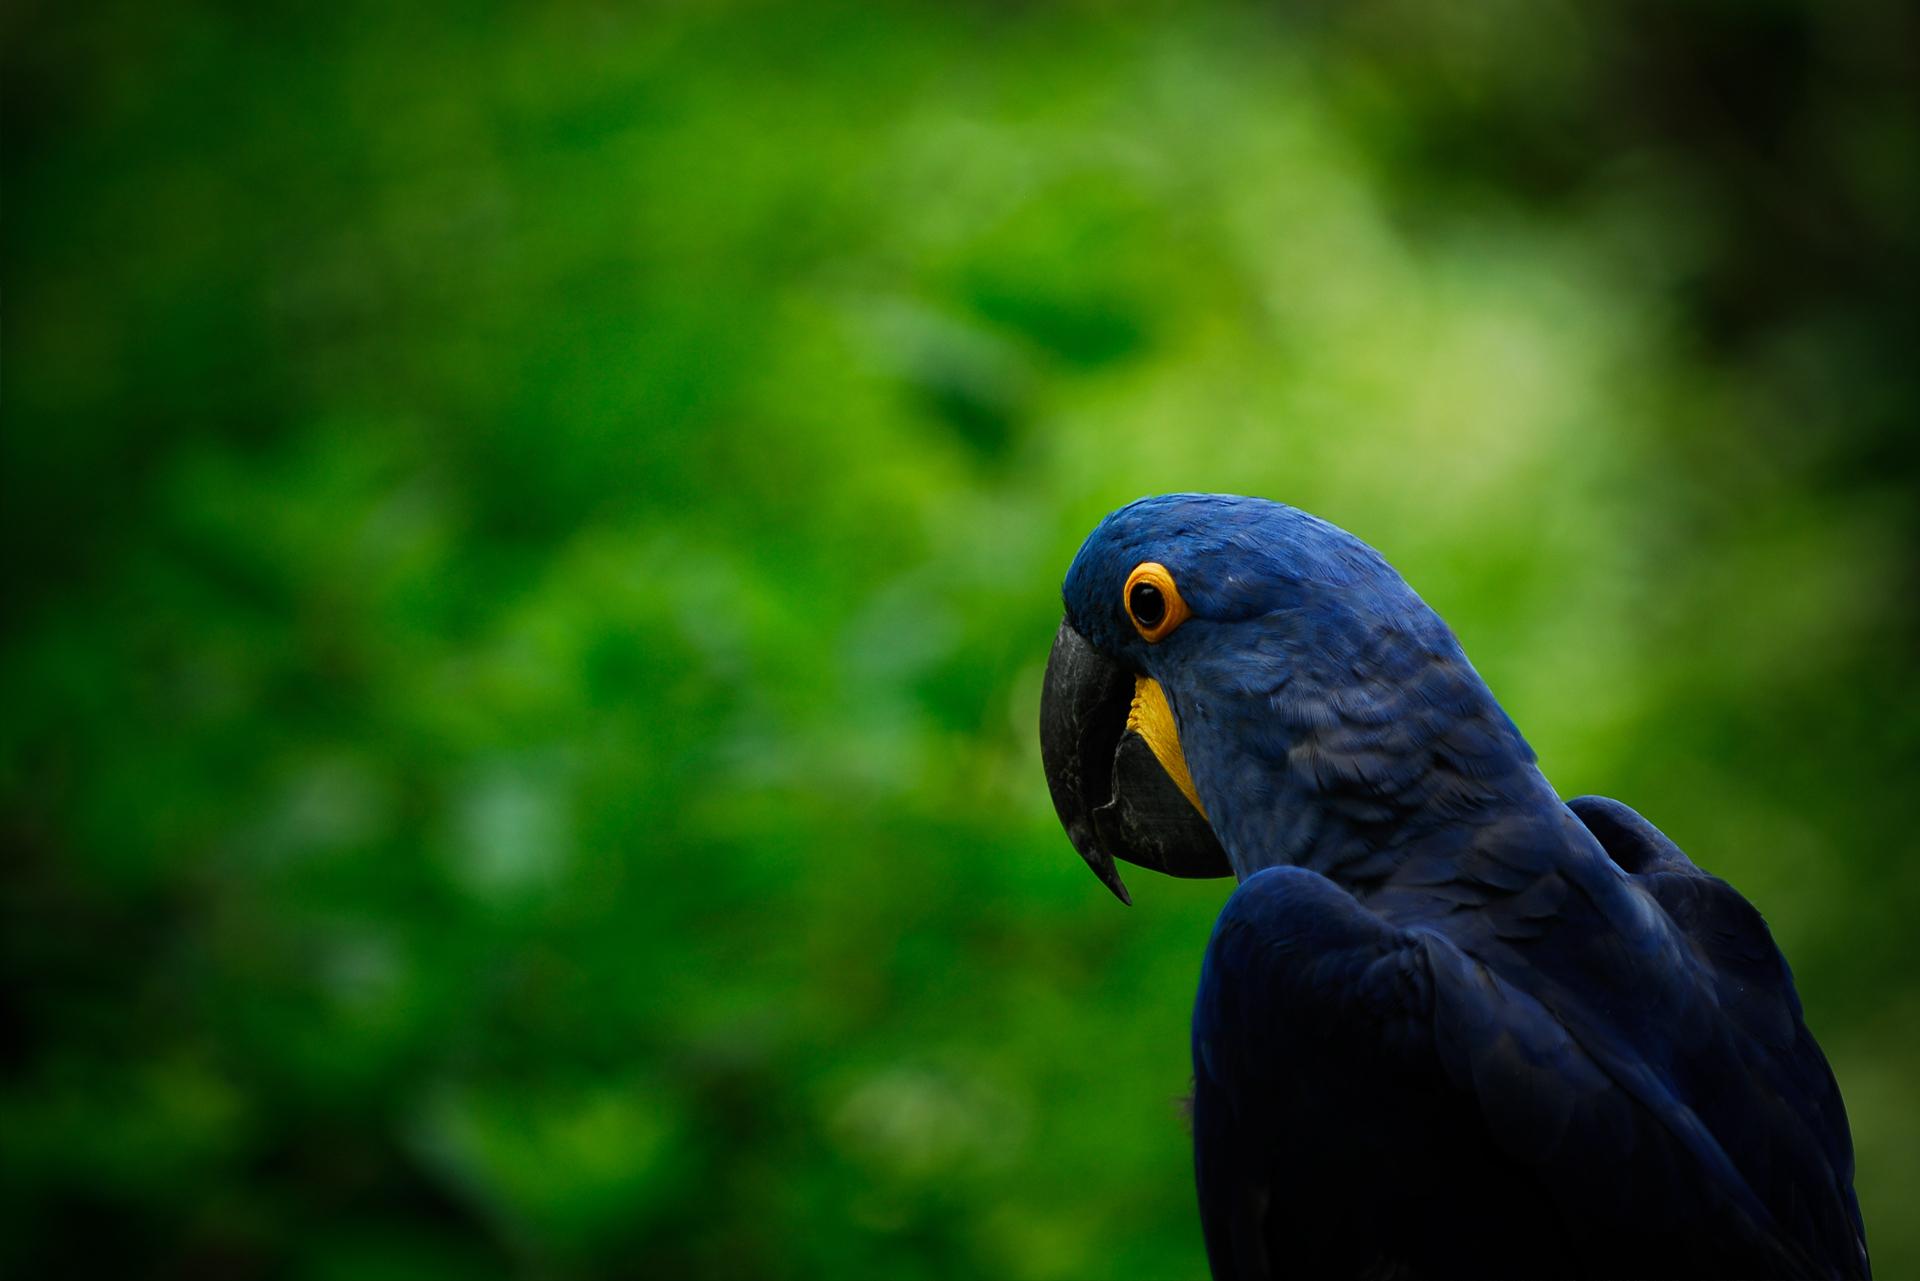 синий попугай но фоне листвы скачать фото, обои для рабочего стола